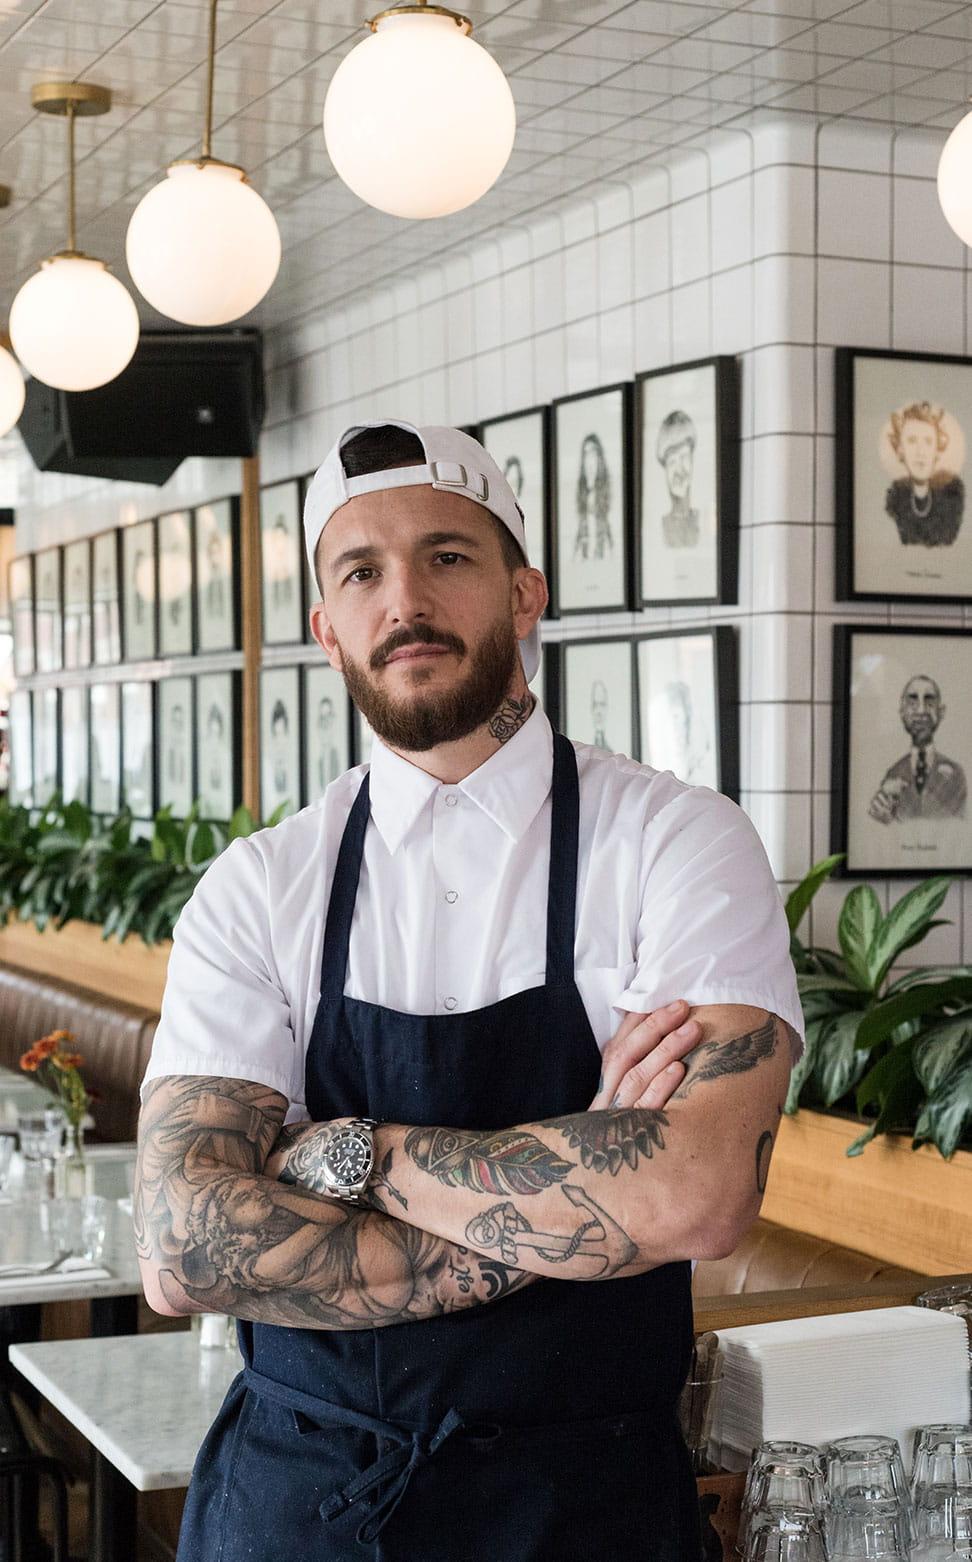 Chef Jeremie Faslissard